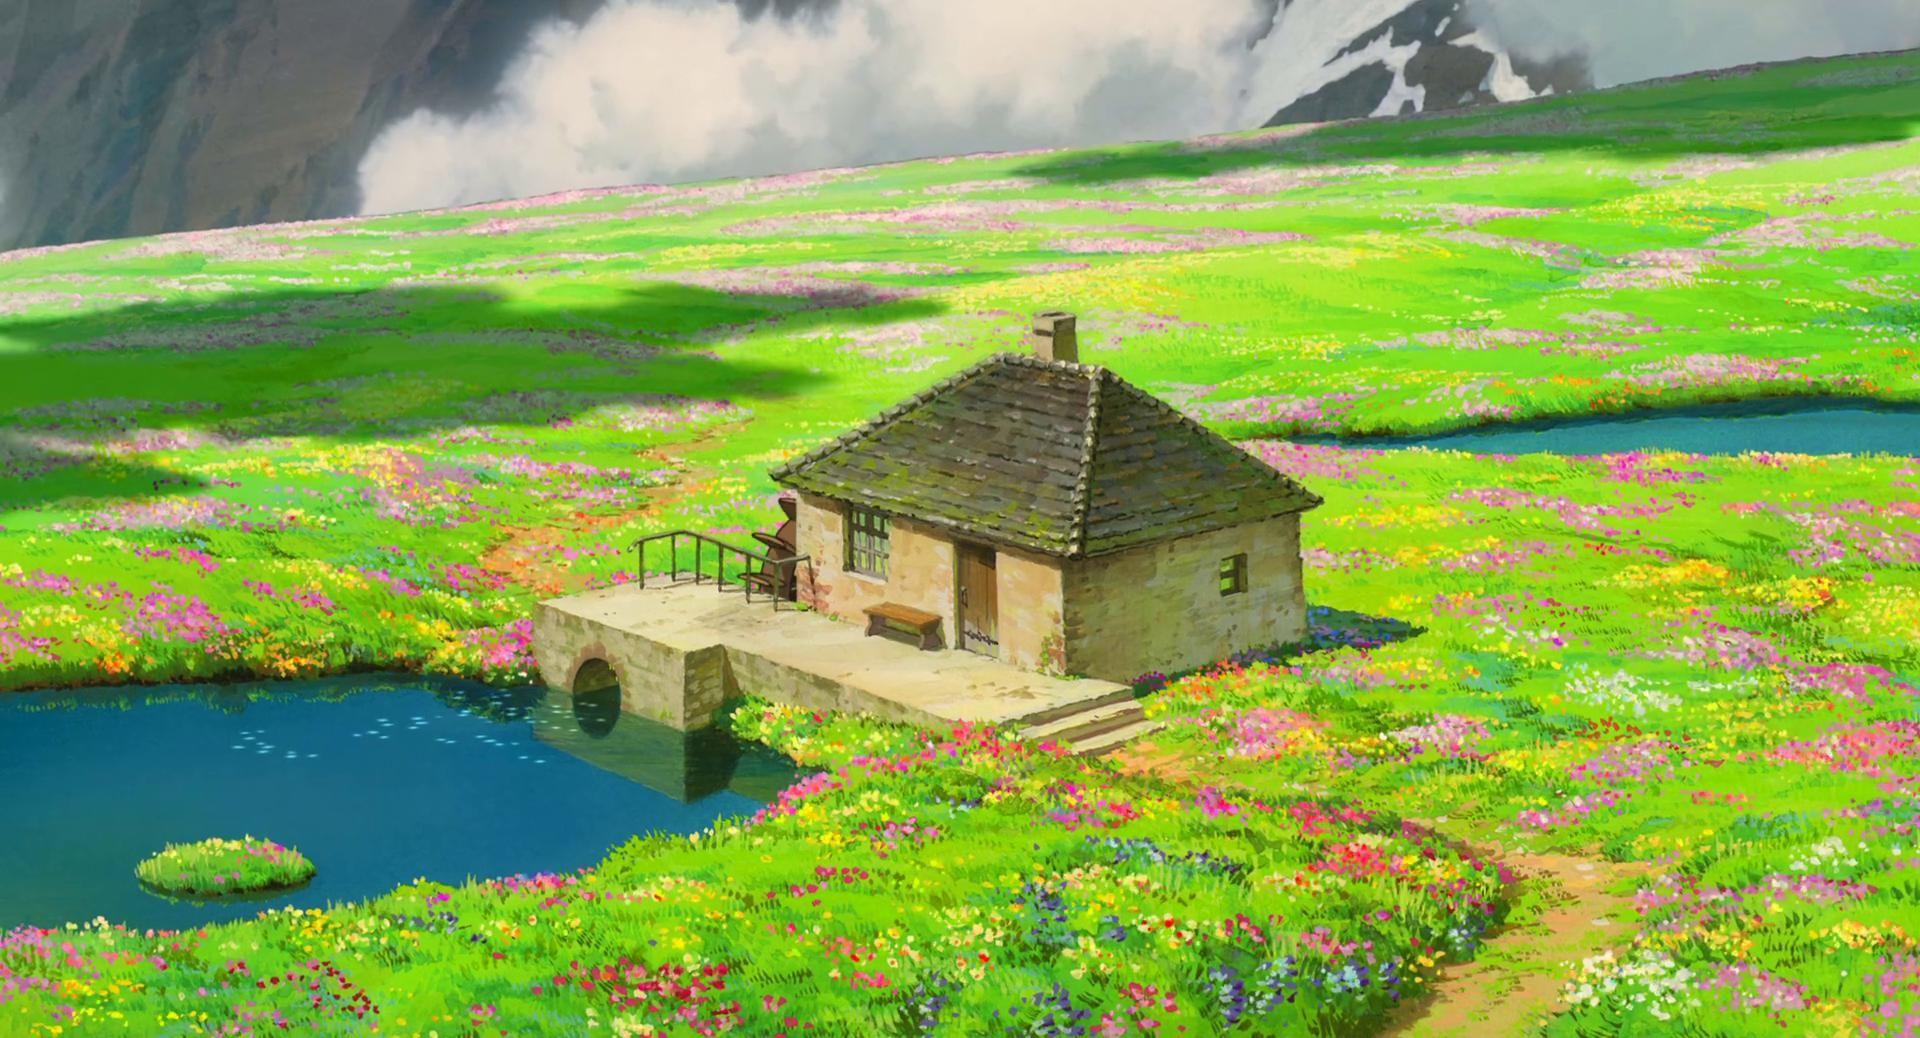 ハウルの動く城 高画質なおしゃれ画像 壁紙まとめ アニメの風景 ハウルの動く城 風景